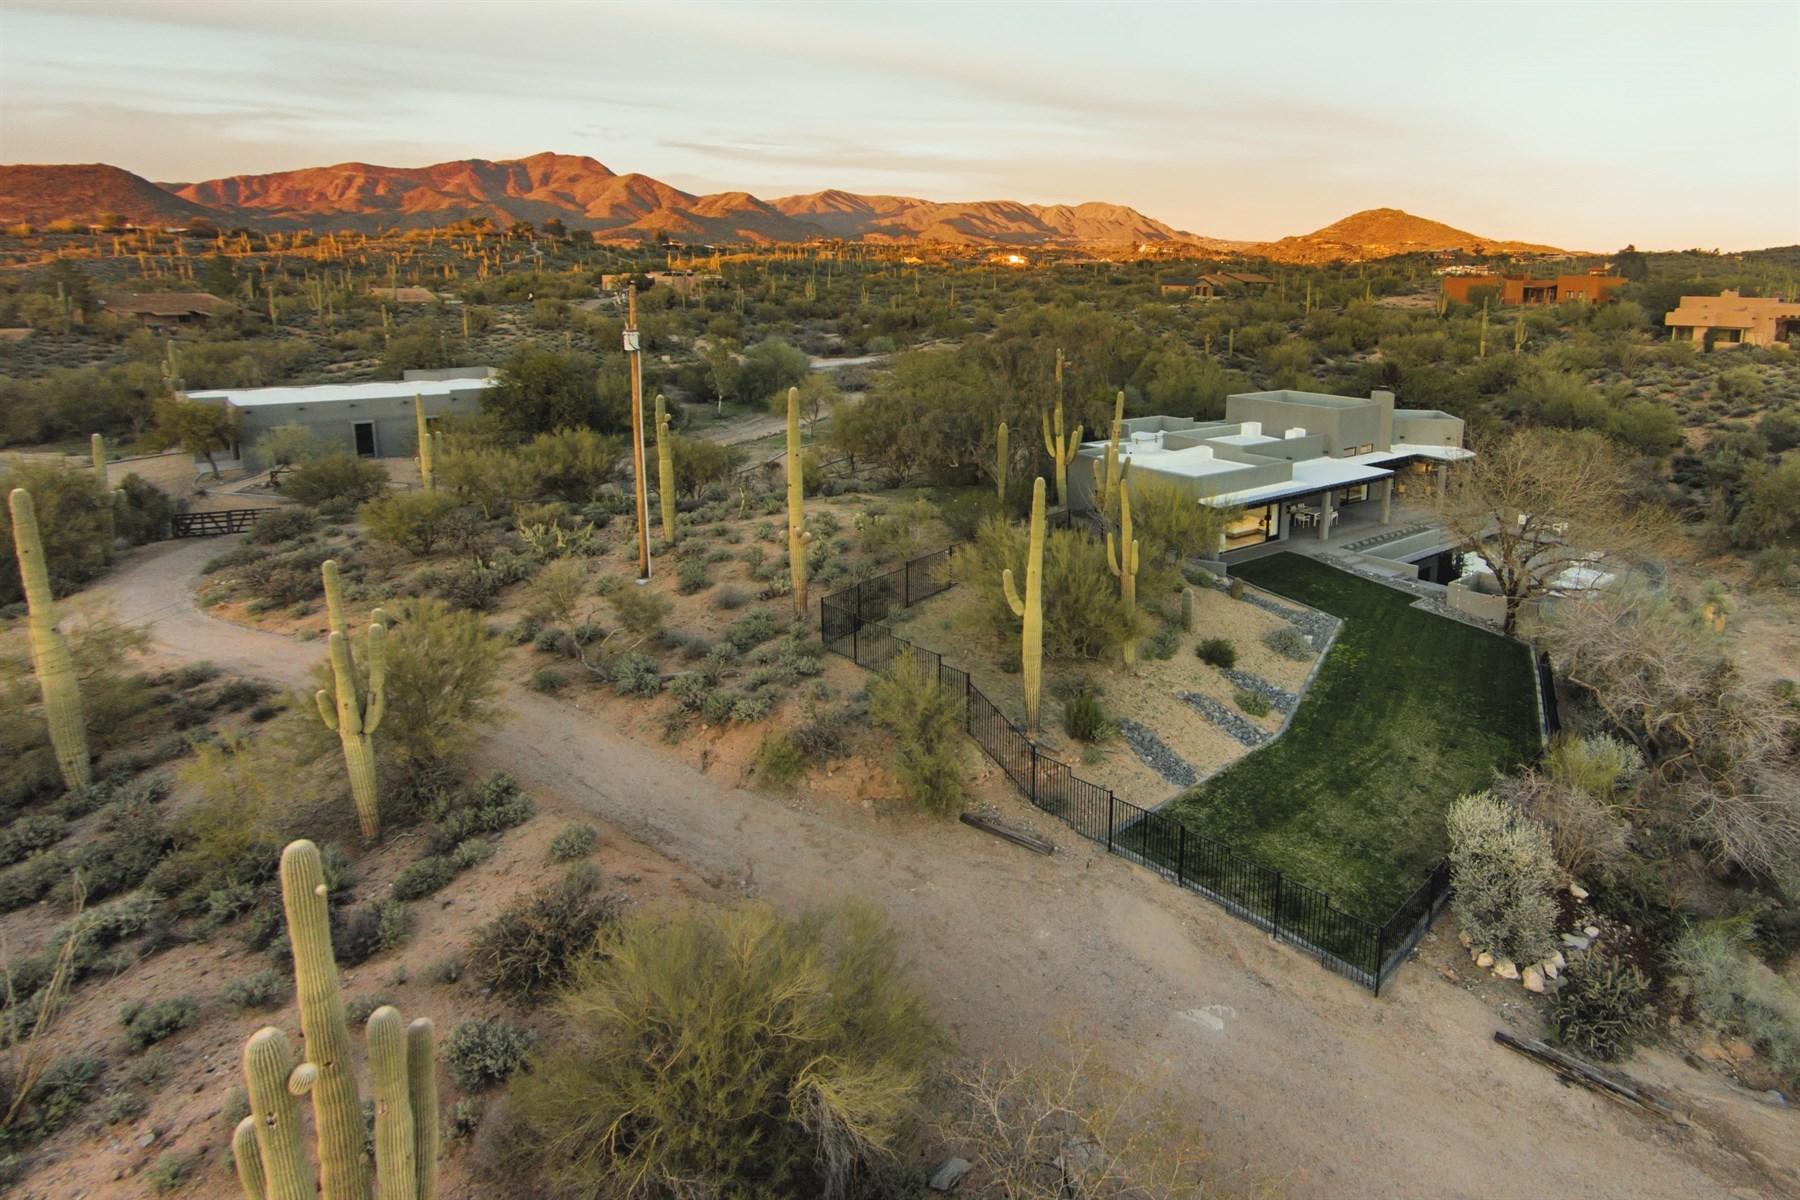 Moradia para Venda às Unique & Private Contemporary Carefree Estate 7777 E Celestial Street Carefree, Arizona 85377 Estados Unidos